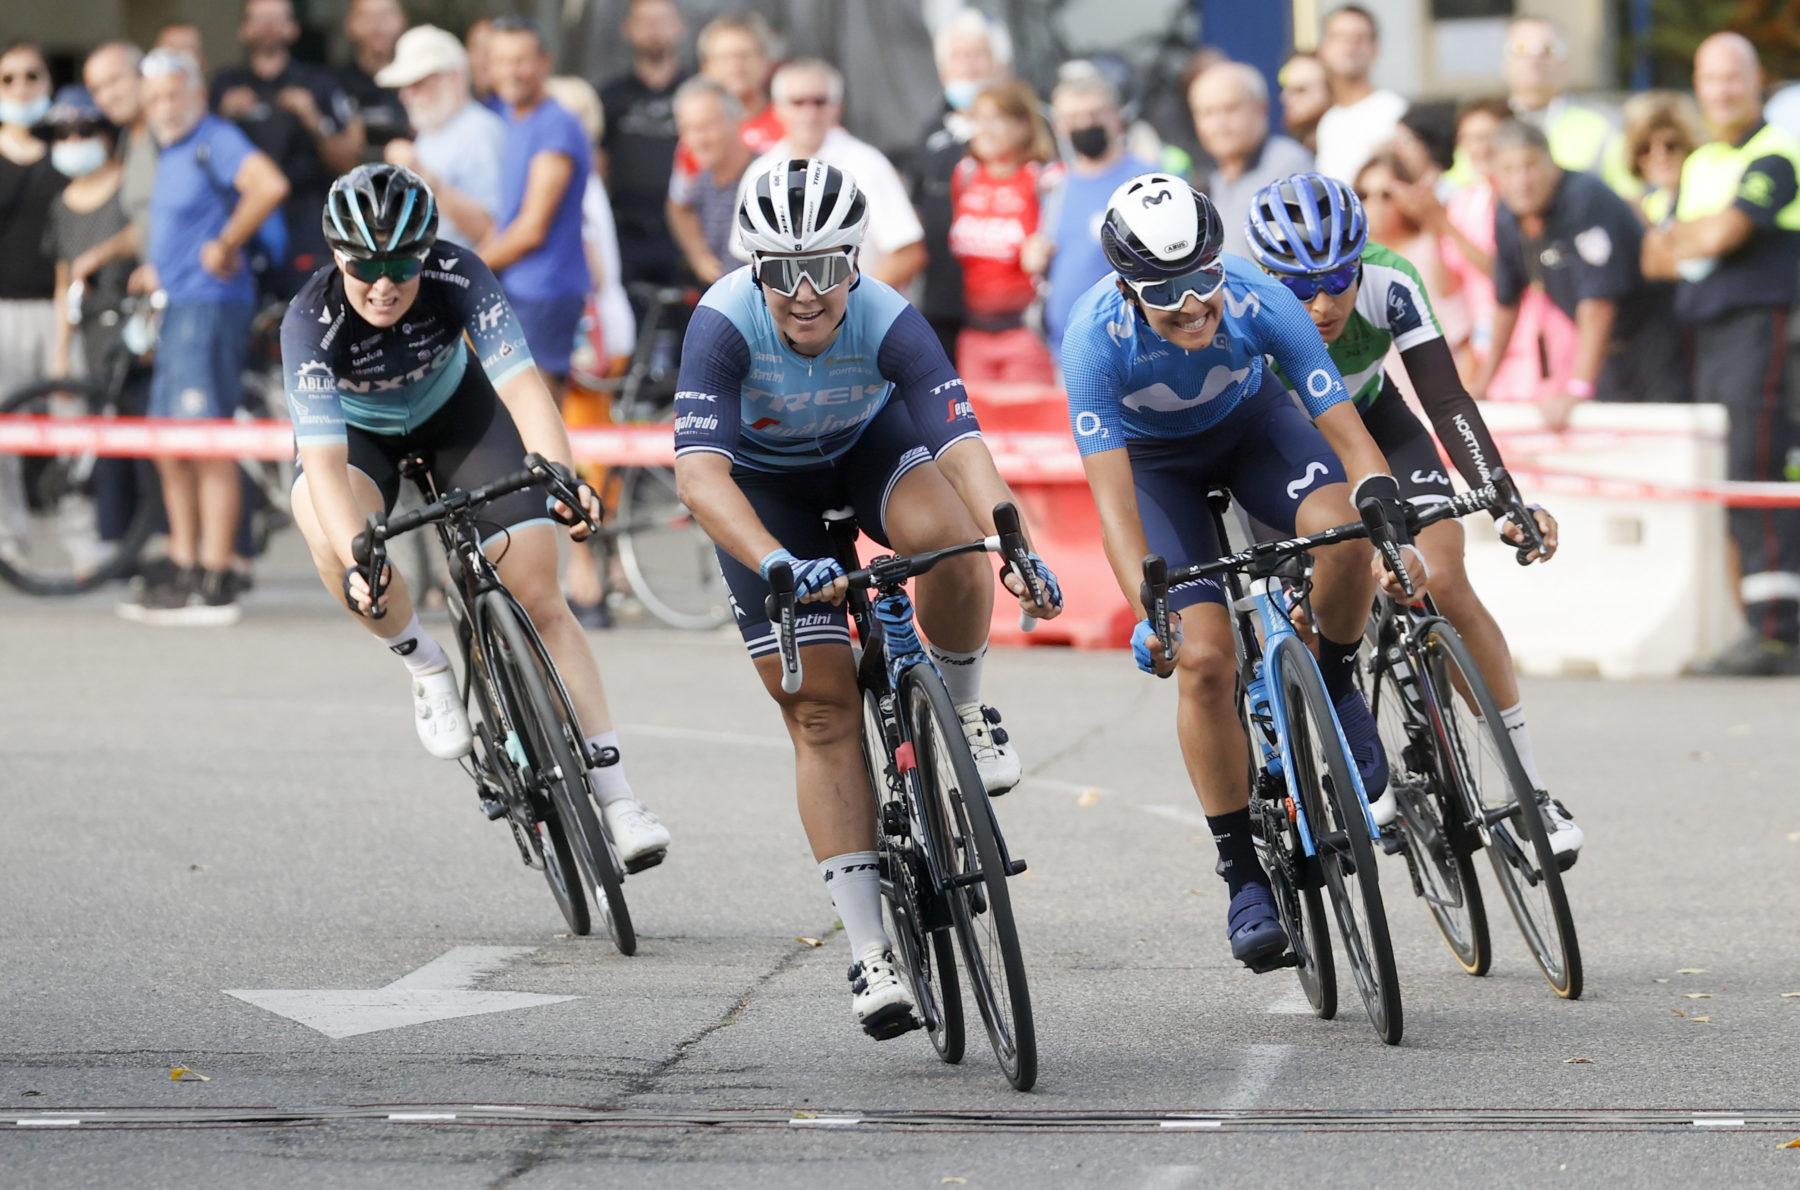 Imagen de la noticia 'Guarischi 2nd in Avignon as Leah Thomas retains leader's jersey'